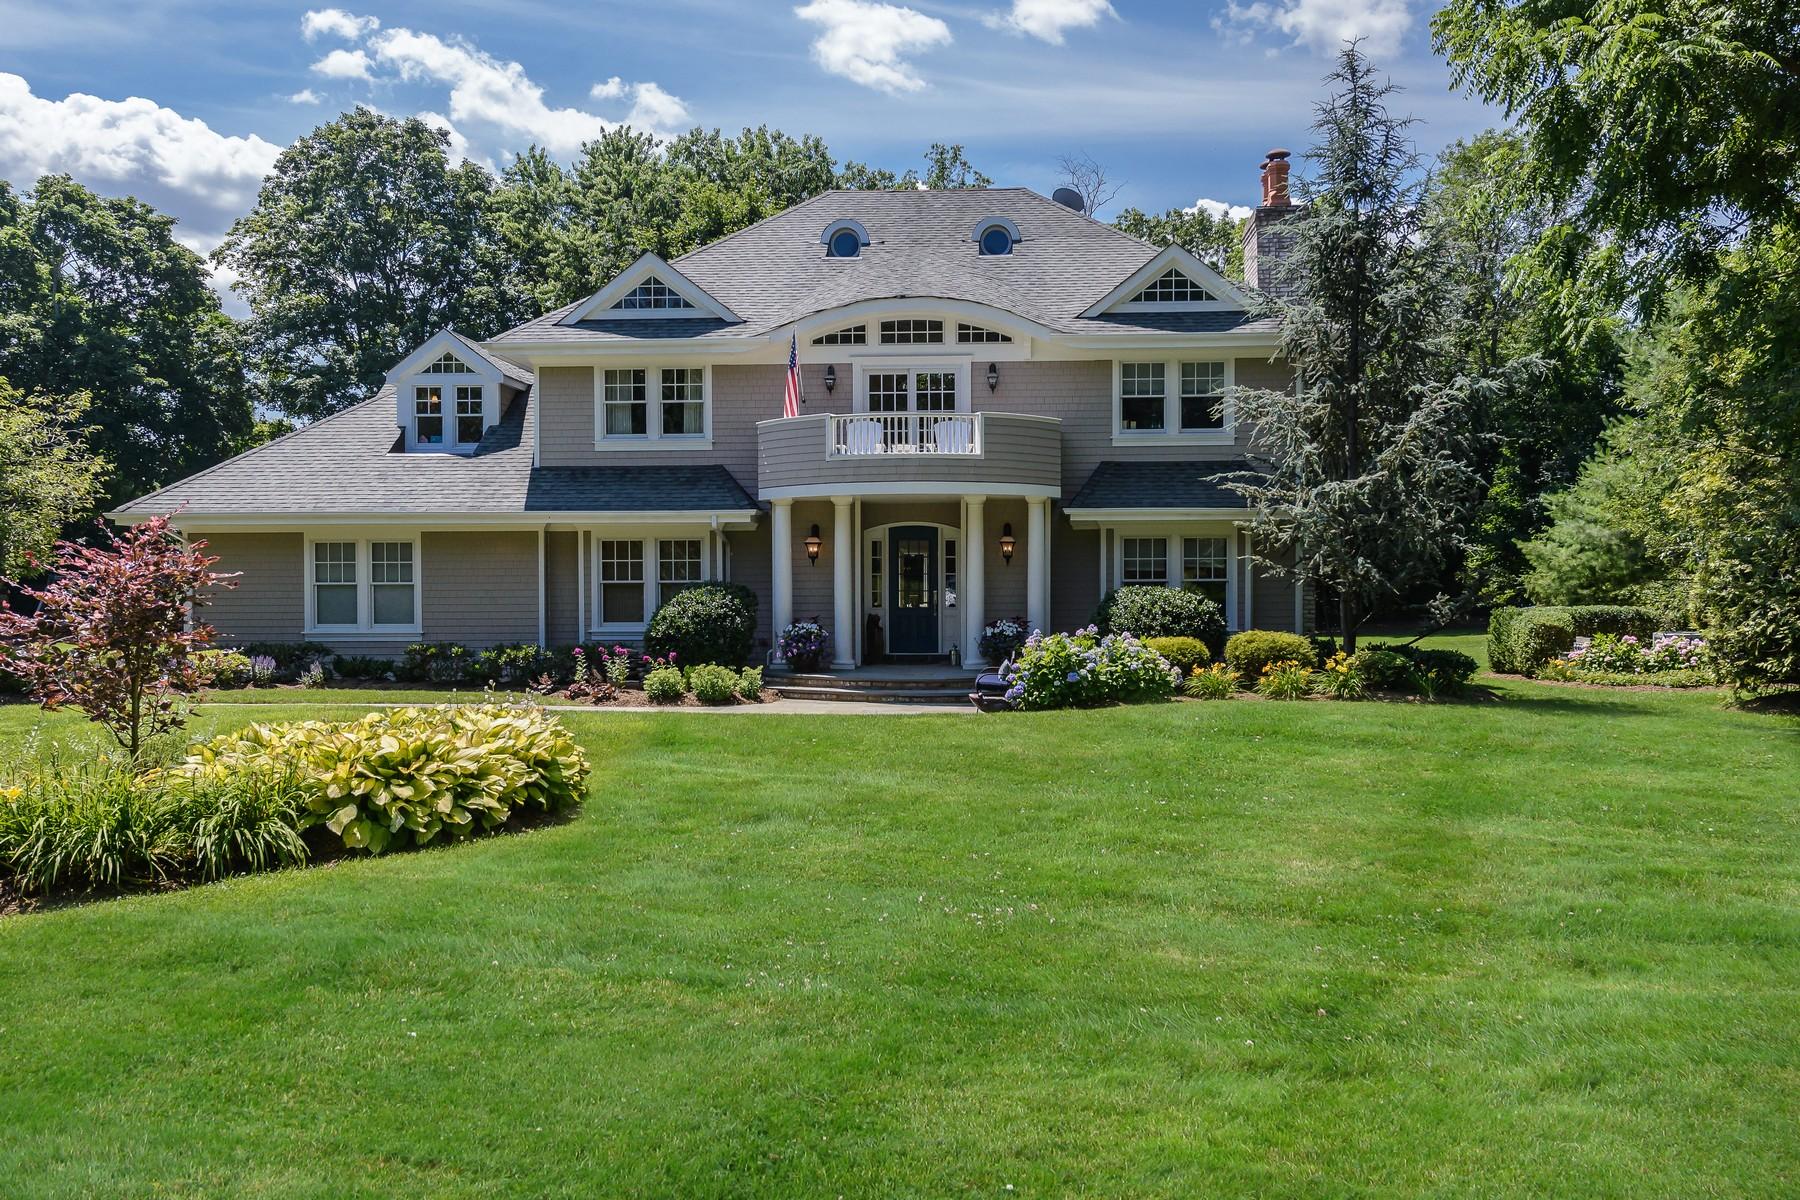 Частный односемейный дом для того Продажа на 25 Towl Gate Ln , Syosset, NY 11791 Syosset, Нью-Йорк, 11791 Соединенные Штаты